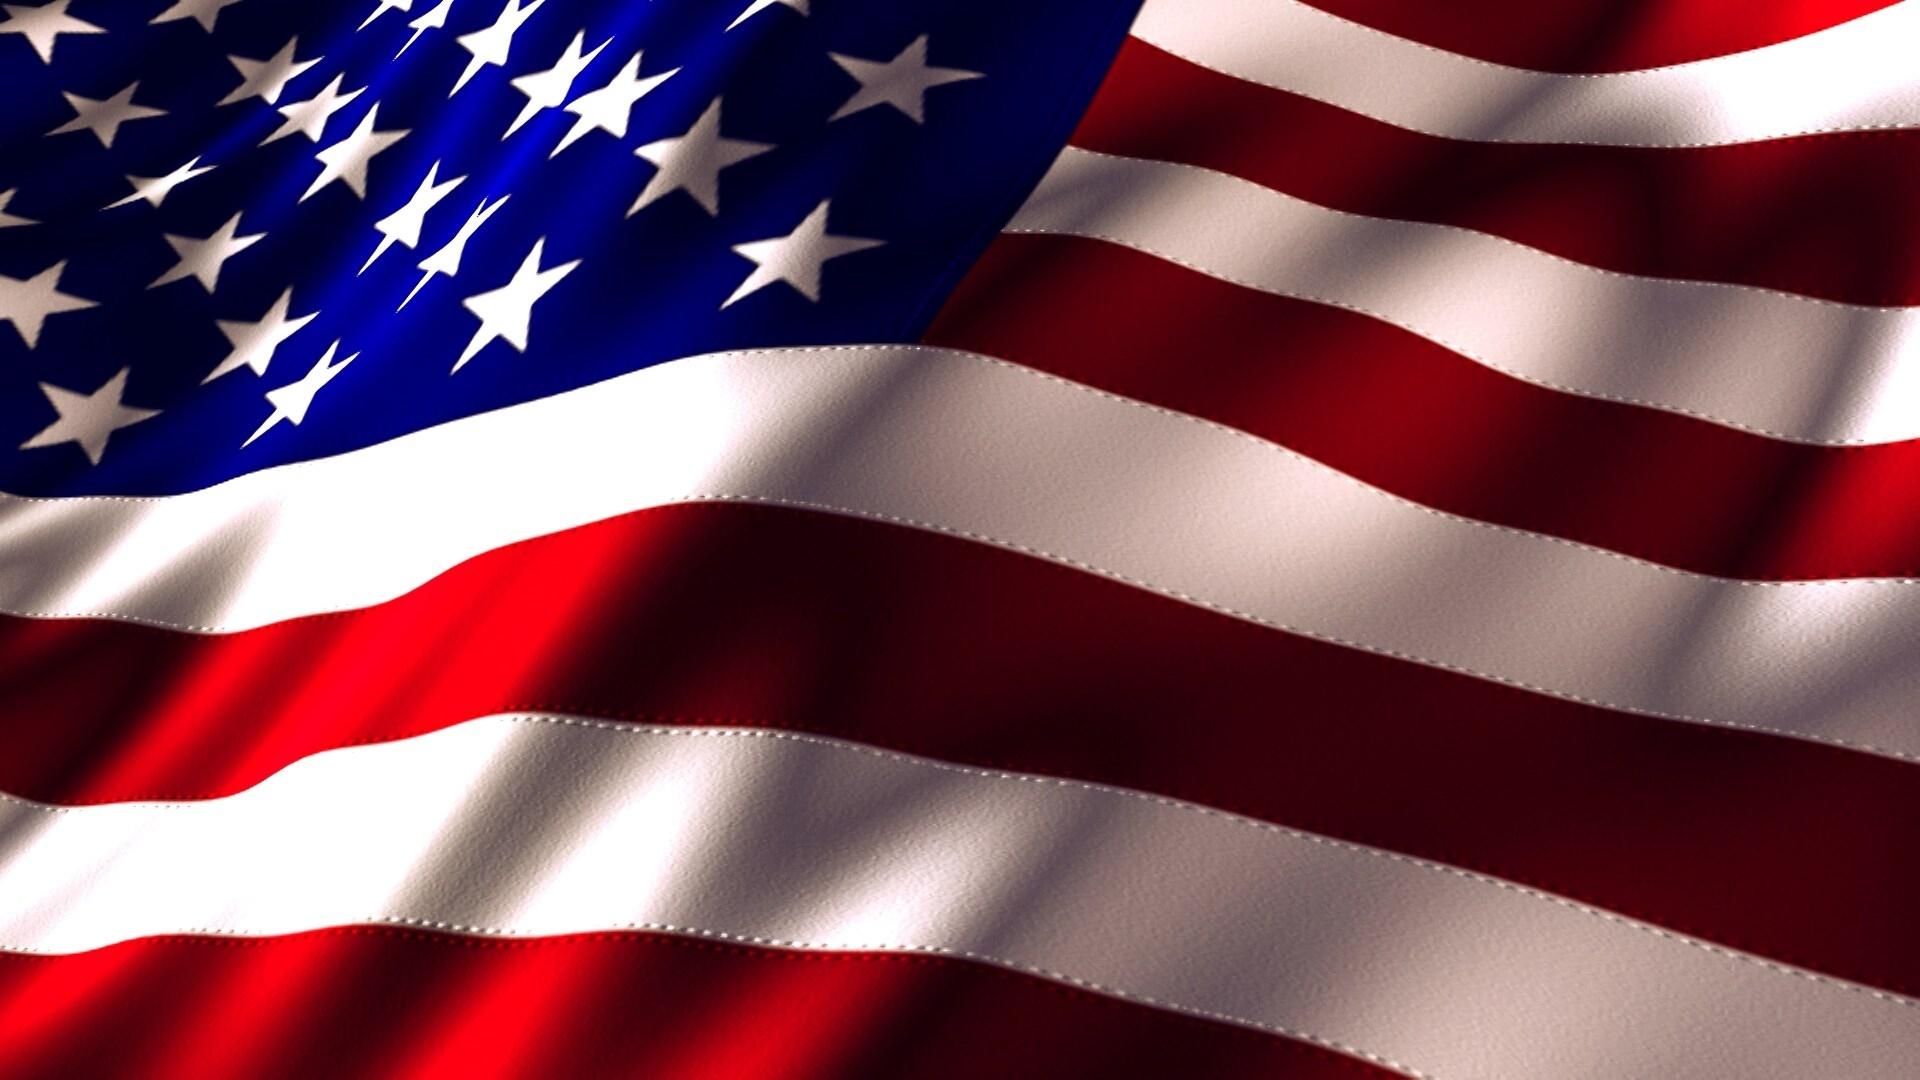 american flag wallpaper hd pack | ololoshenka | pinterest | american